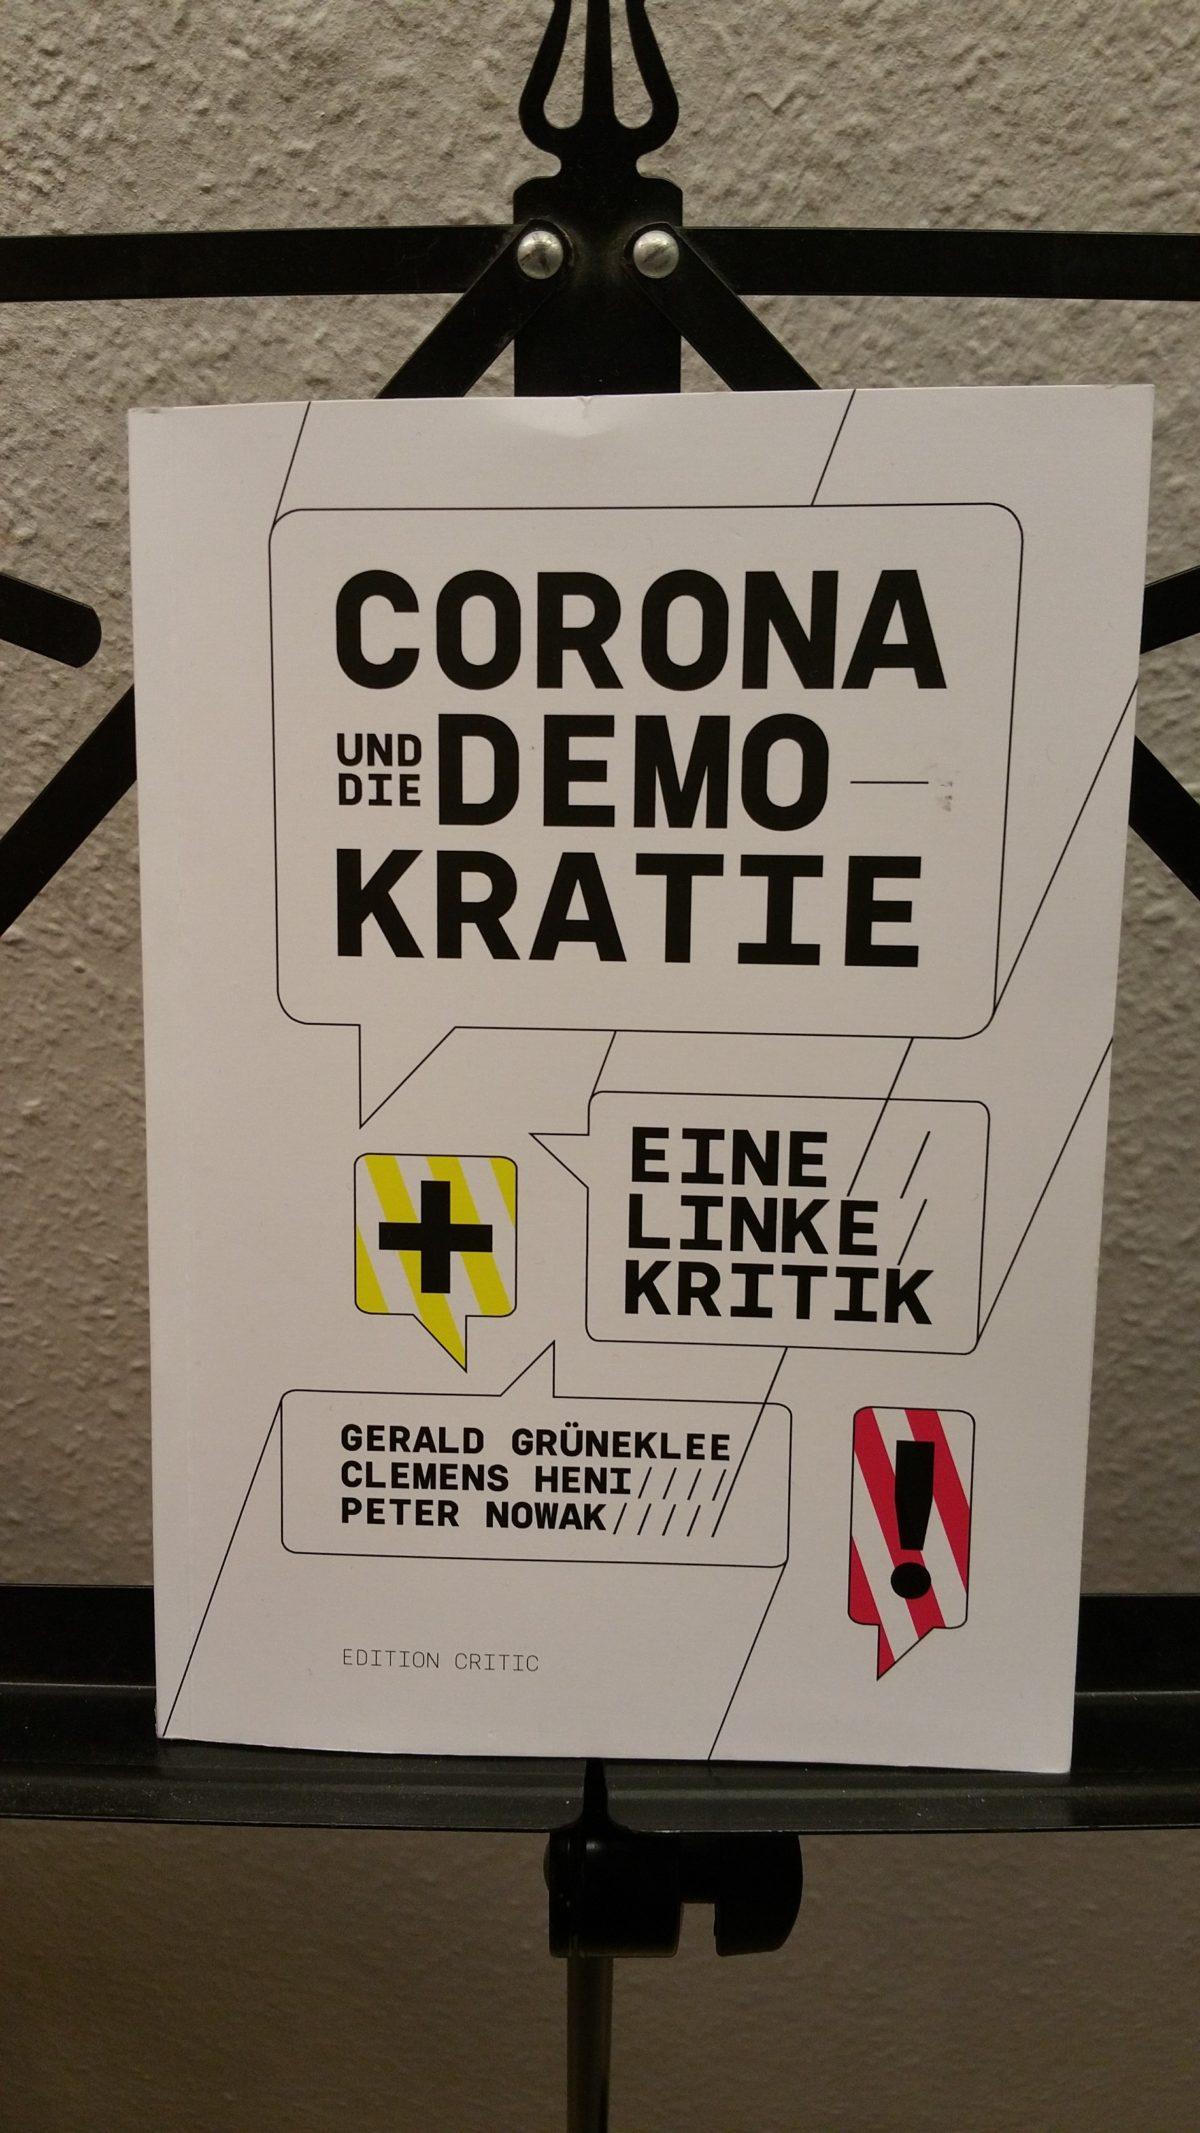 buch: CORONA und die DEMOKRATIE (eine linke Kritik)